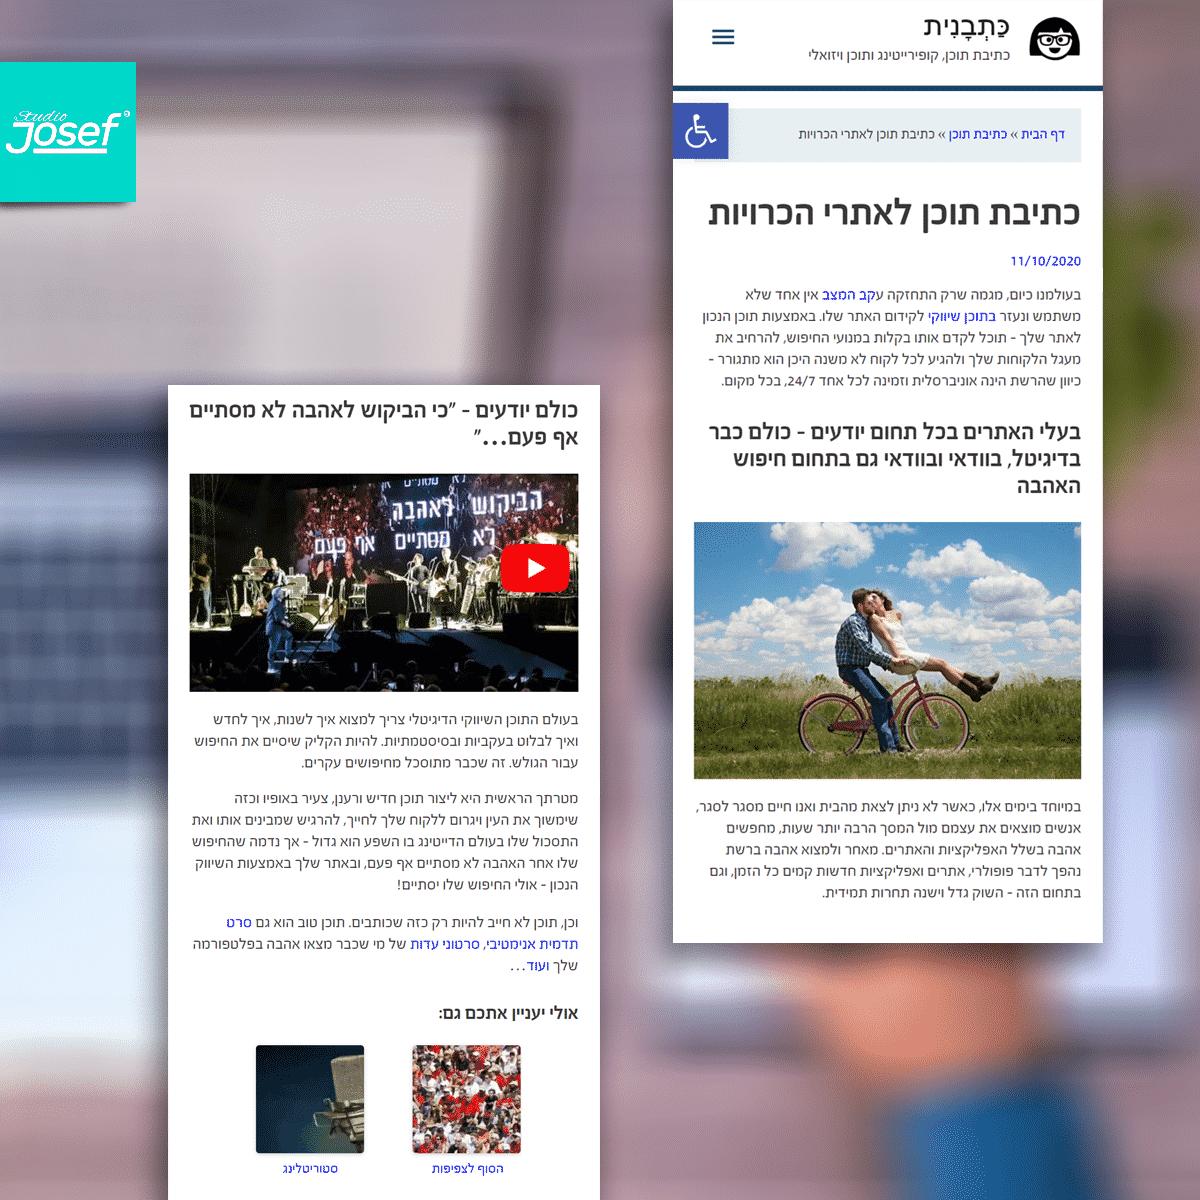 עיצוב אתר כתבנית - עמוד פוסטים